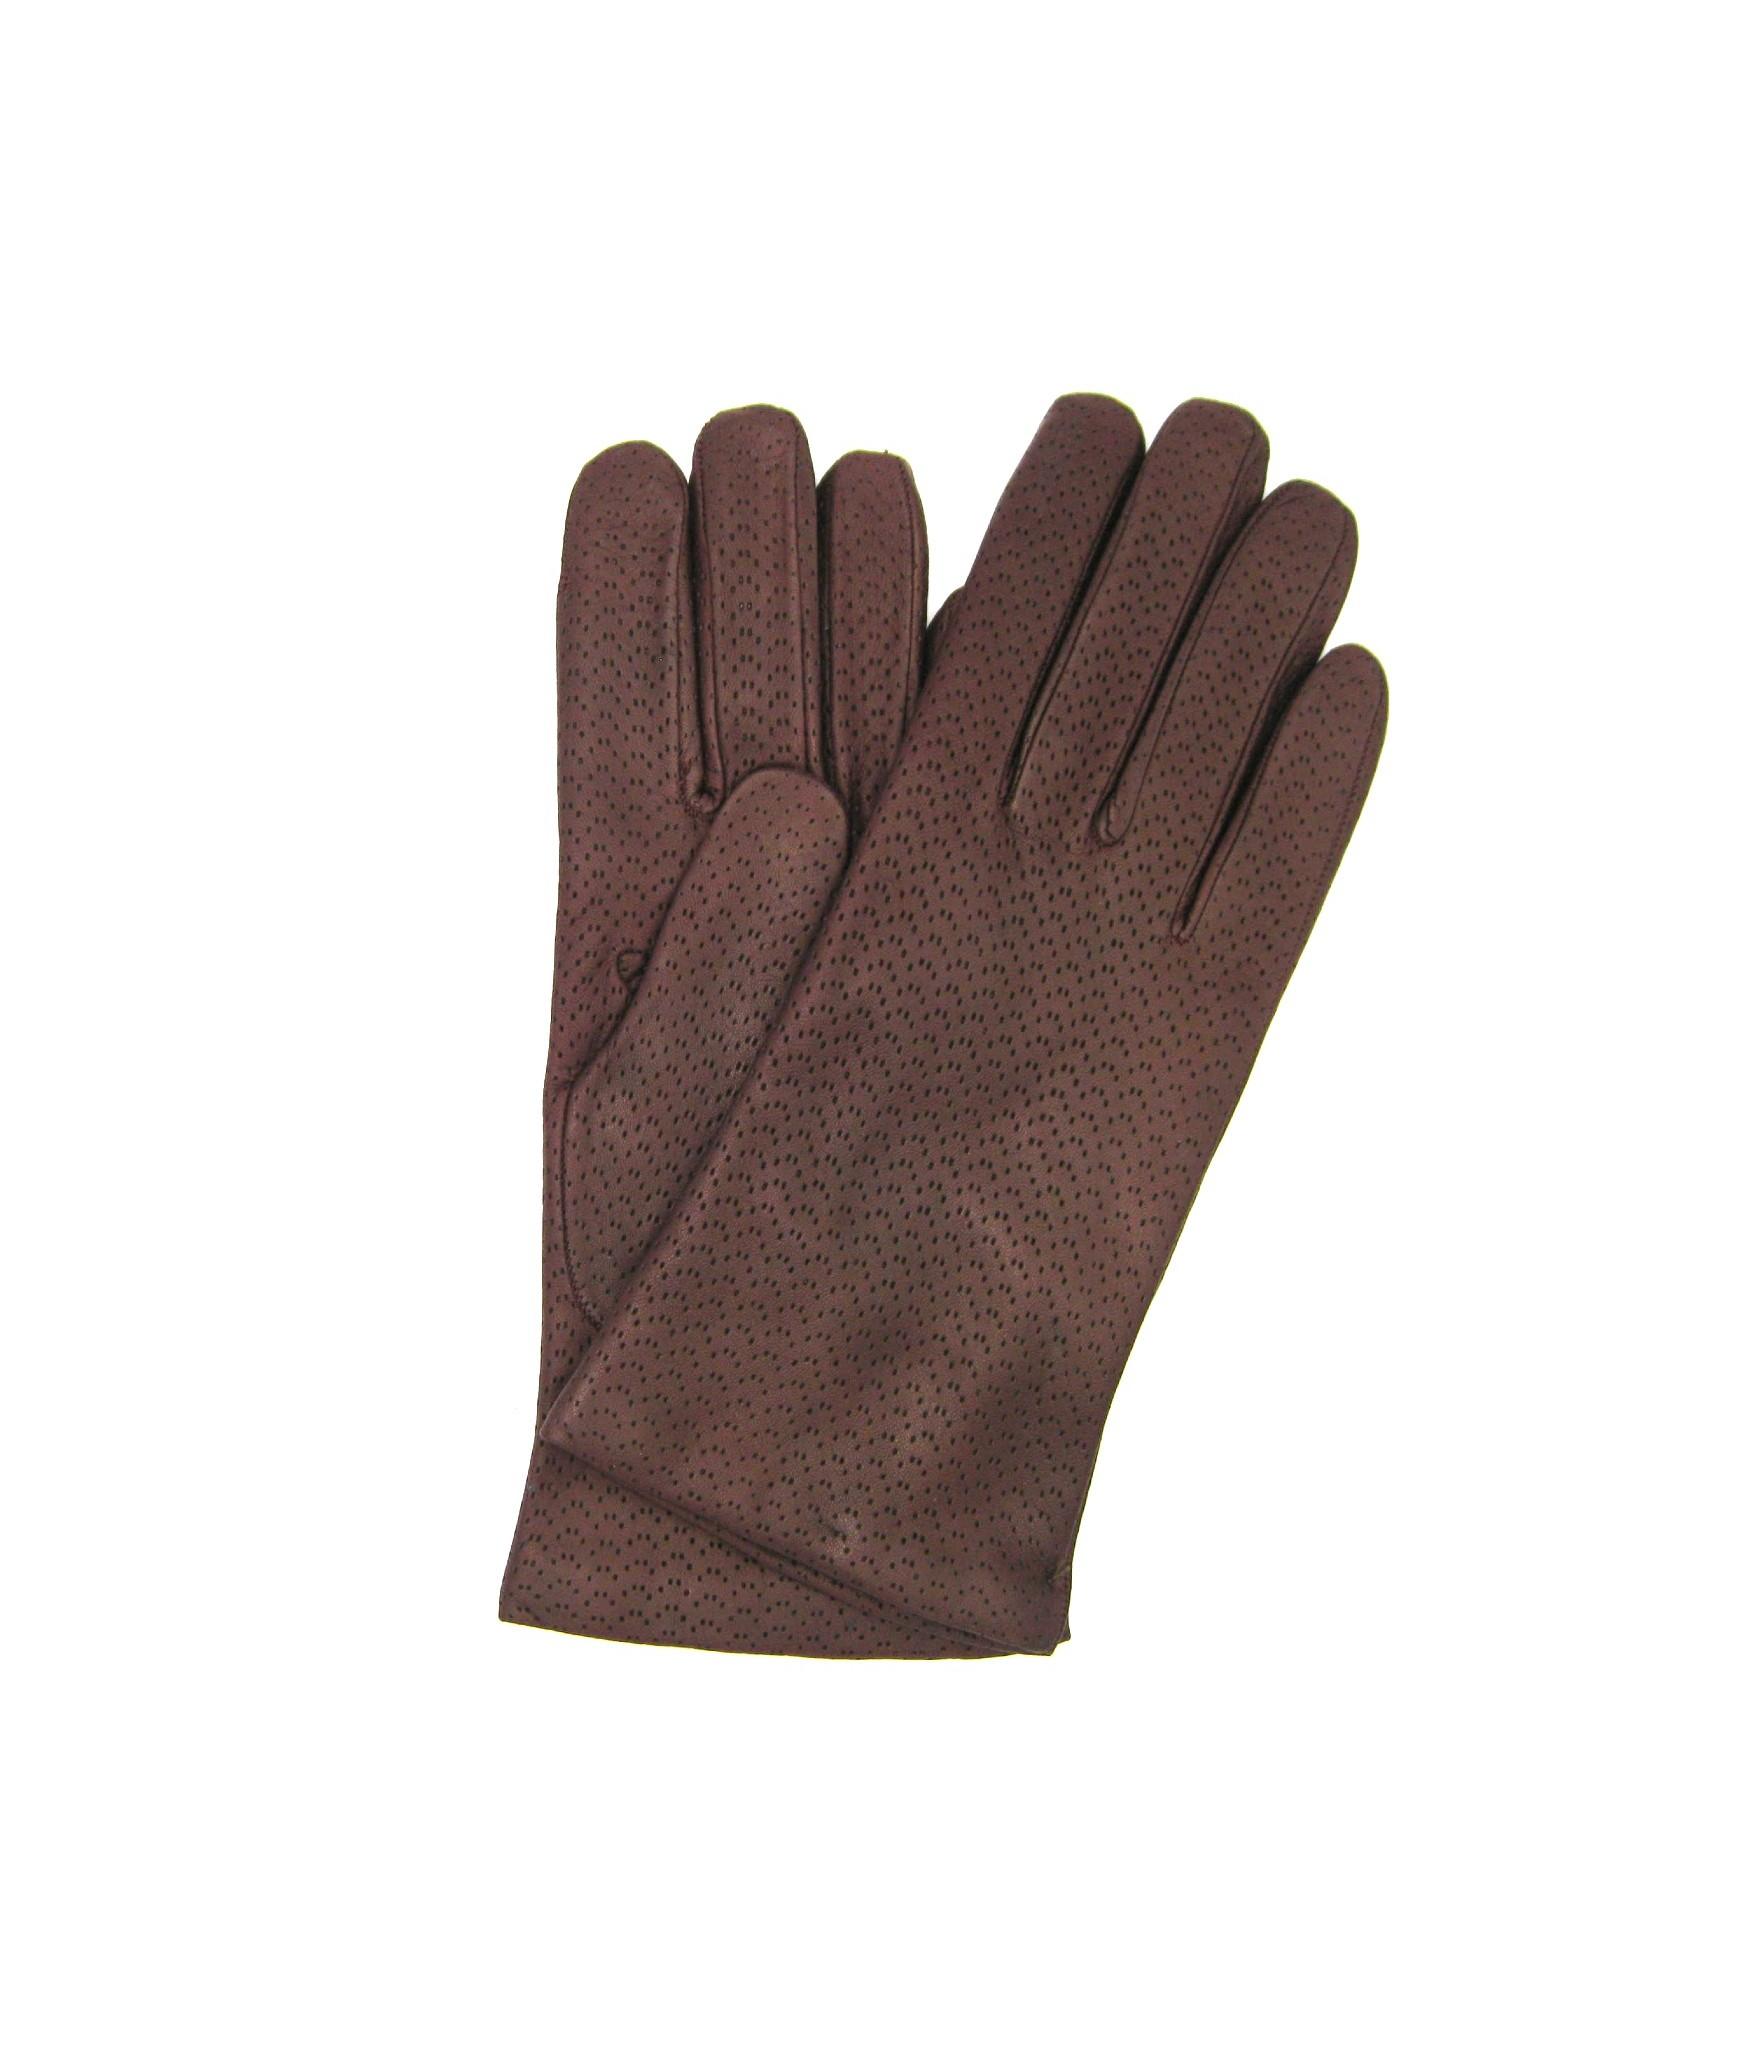 Guanto Nappa 2bt foderato cashmere Bordeaux Sermoneta Gloves